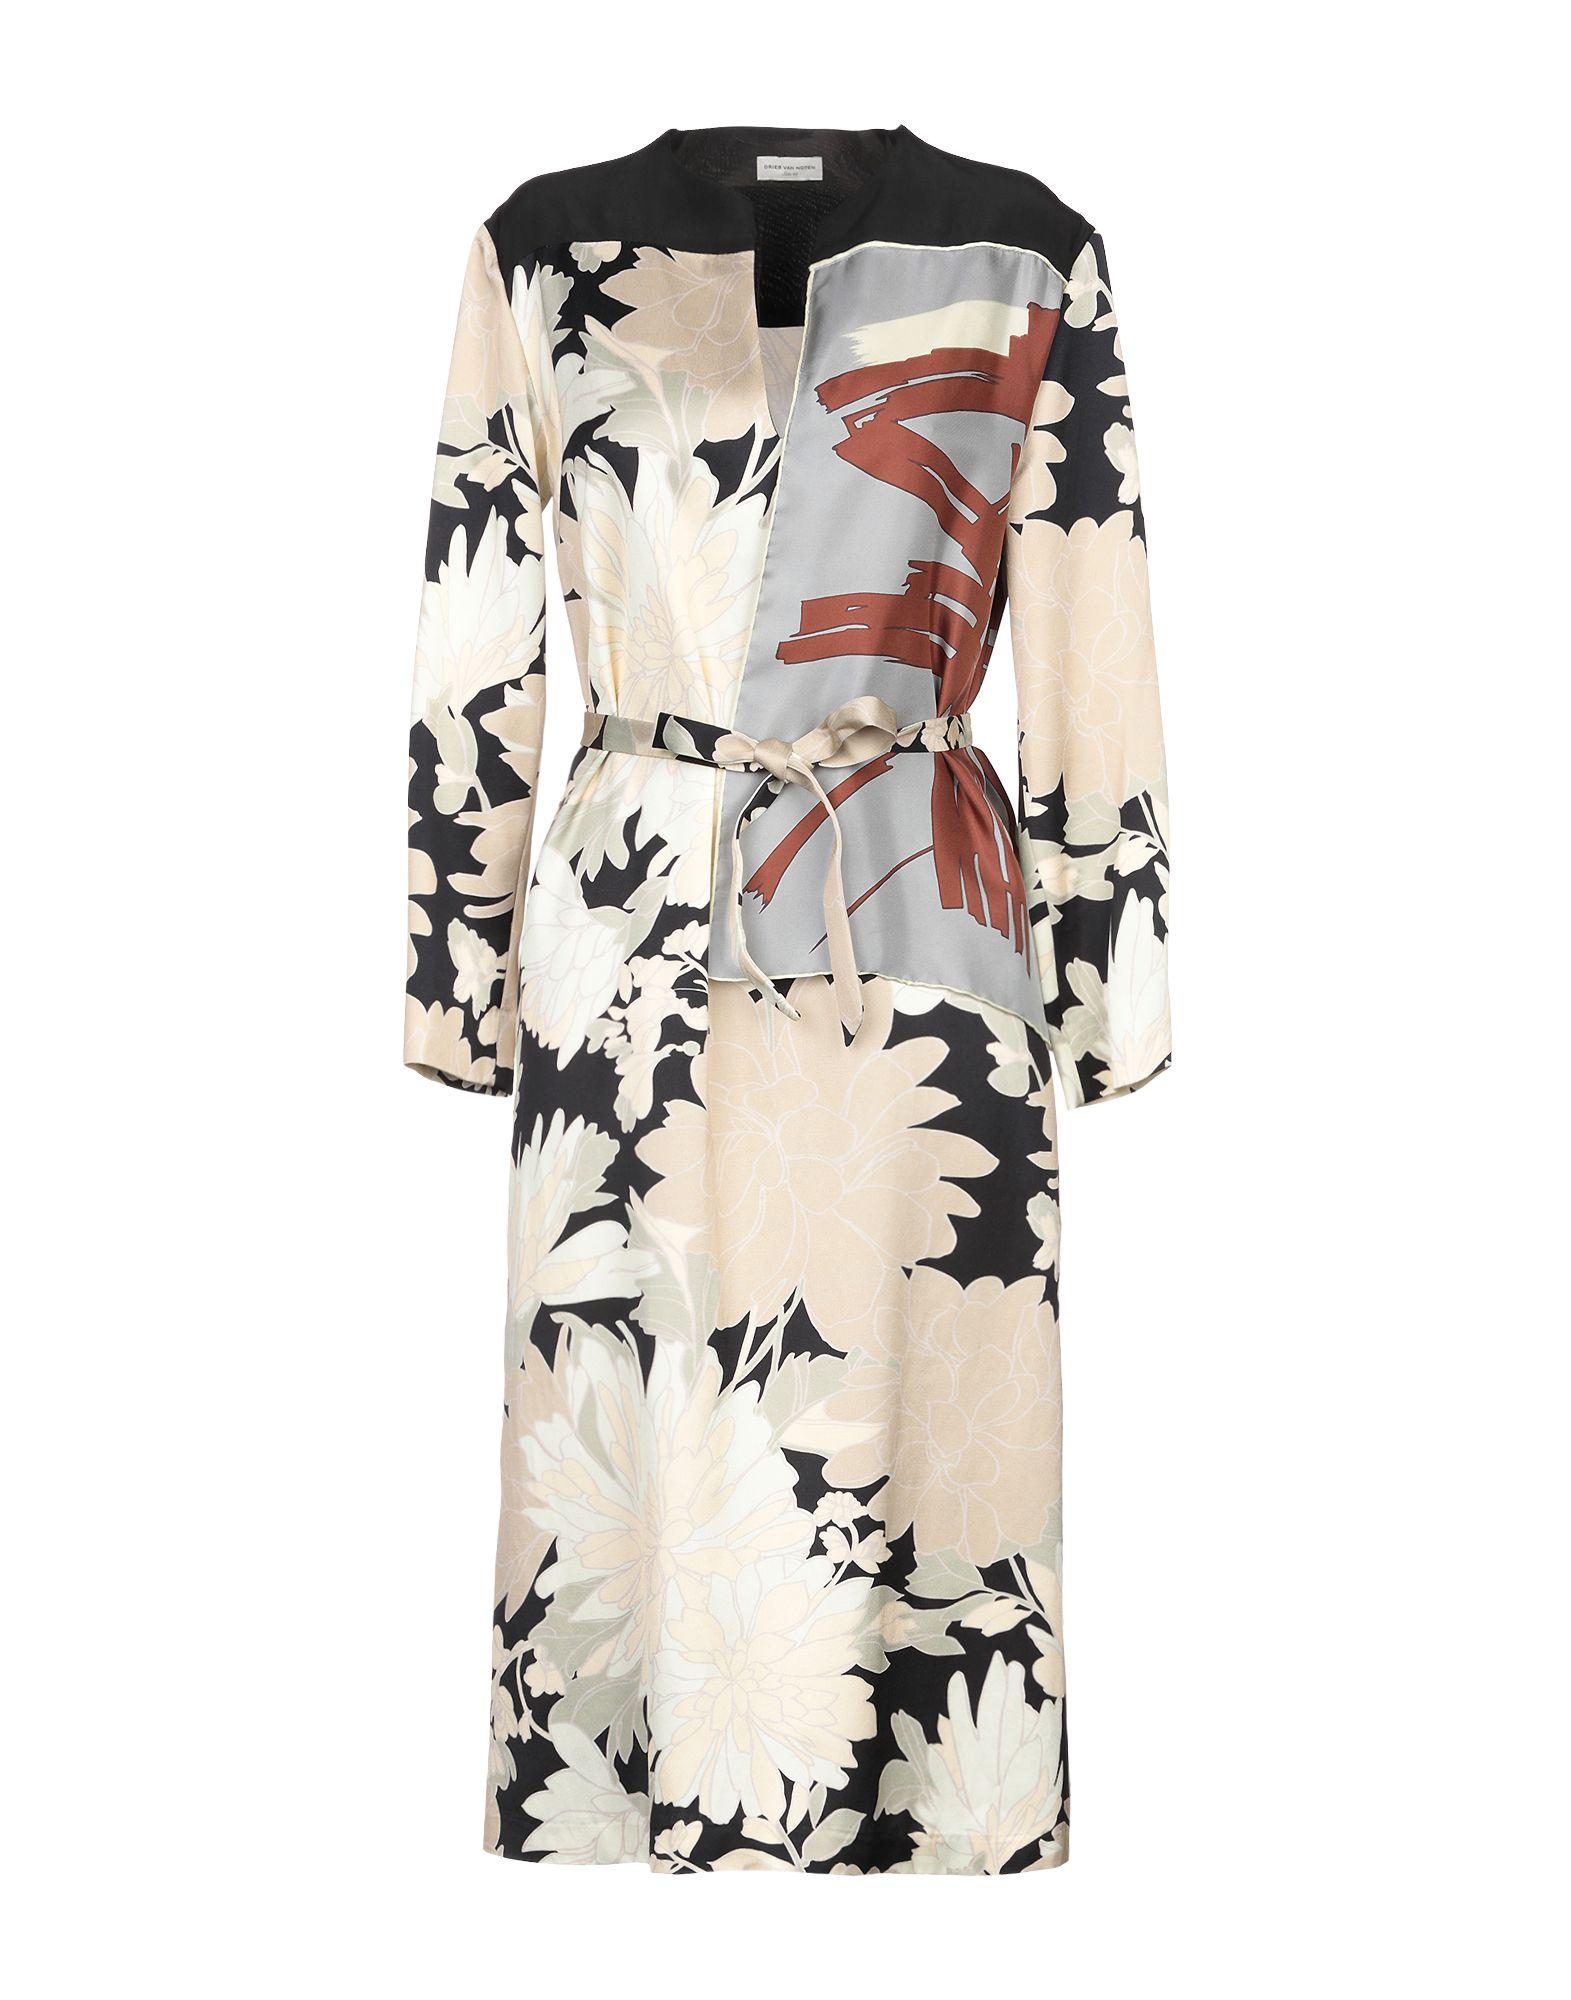 DRIES VAN NOTEN | DRIES VAN NOTEN Knee-Length Dresses 34953765 | Goxip